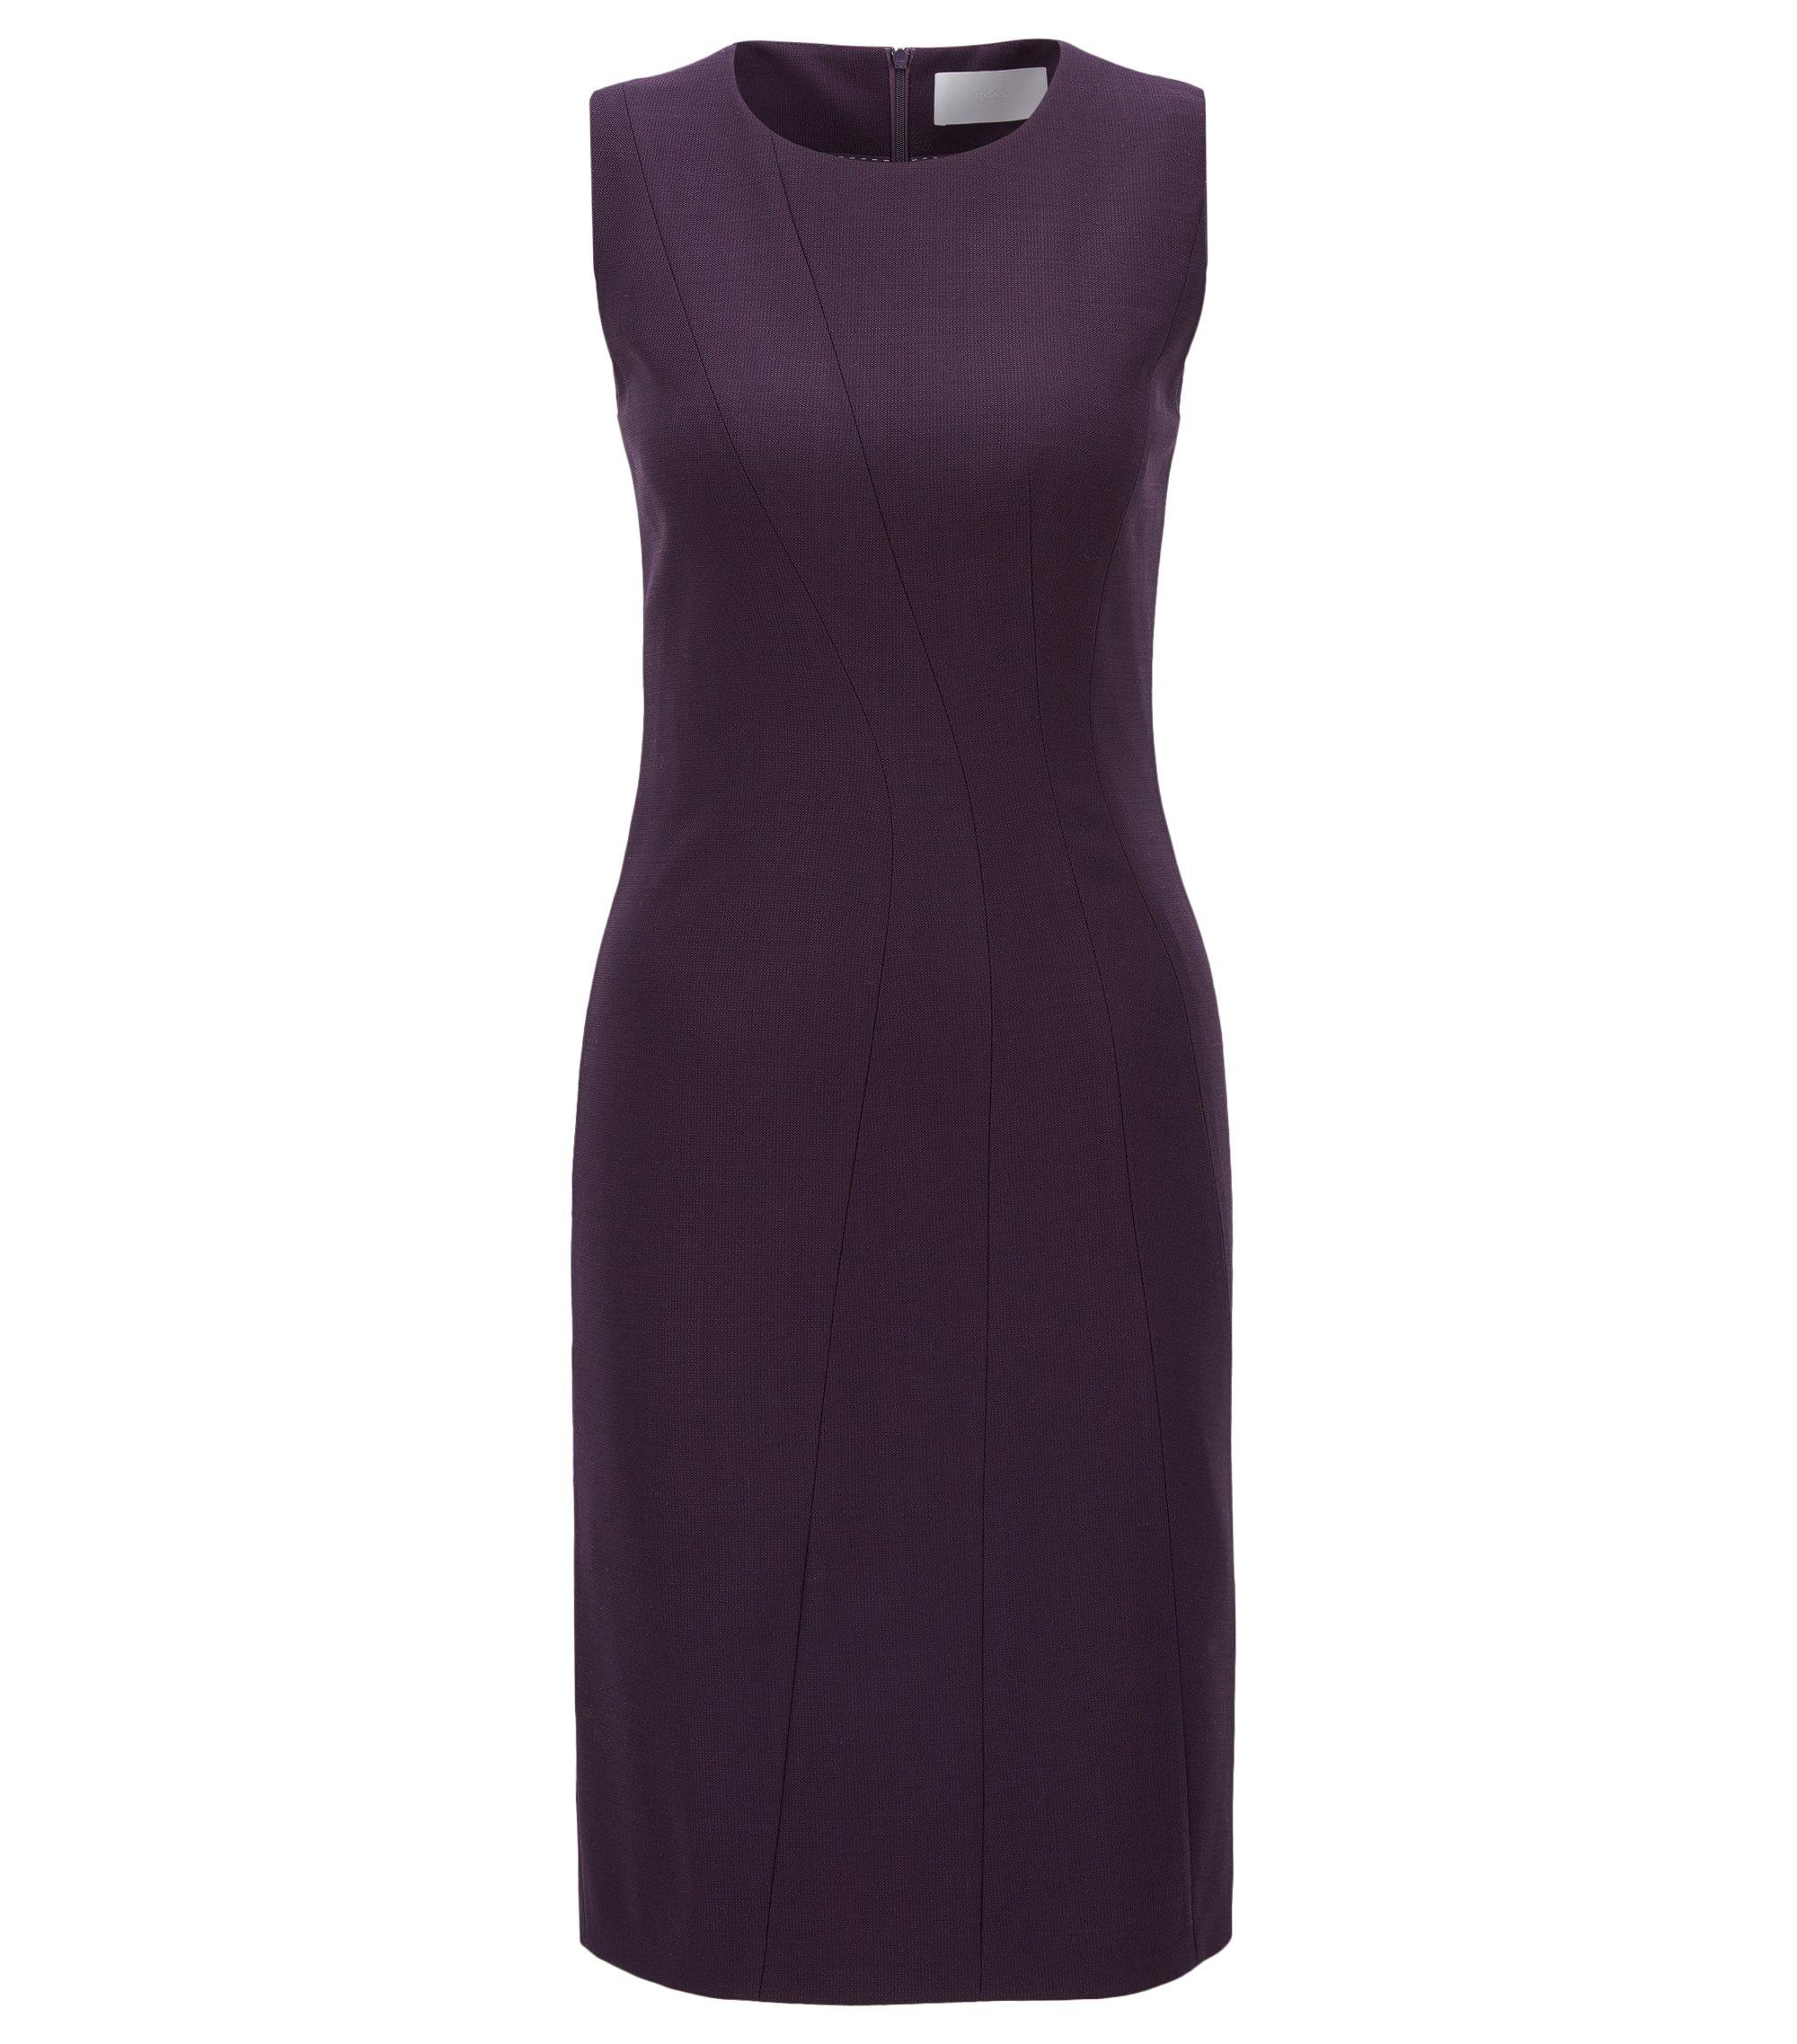 'Donalea' | Stretch Virgin Wool Sheath Dress, Dark Purple